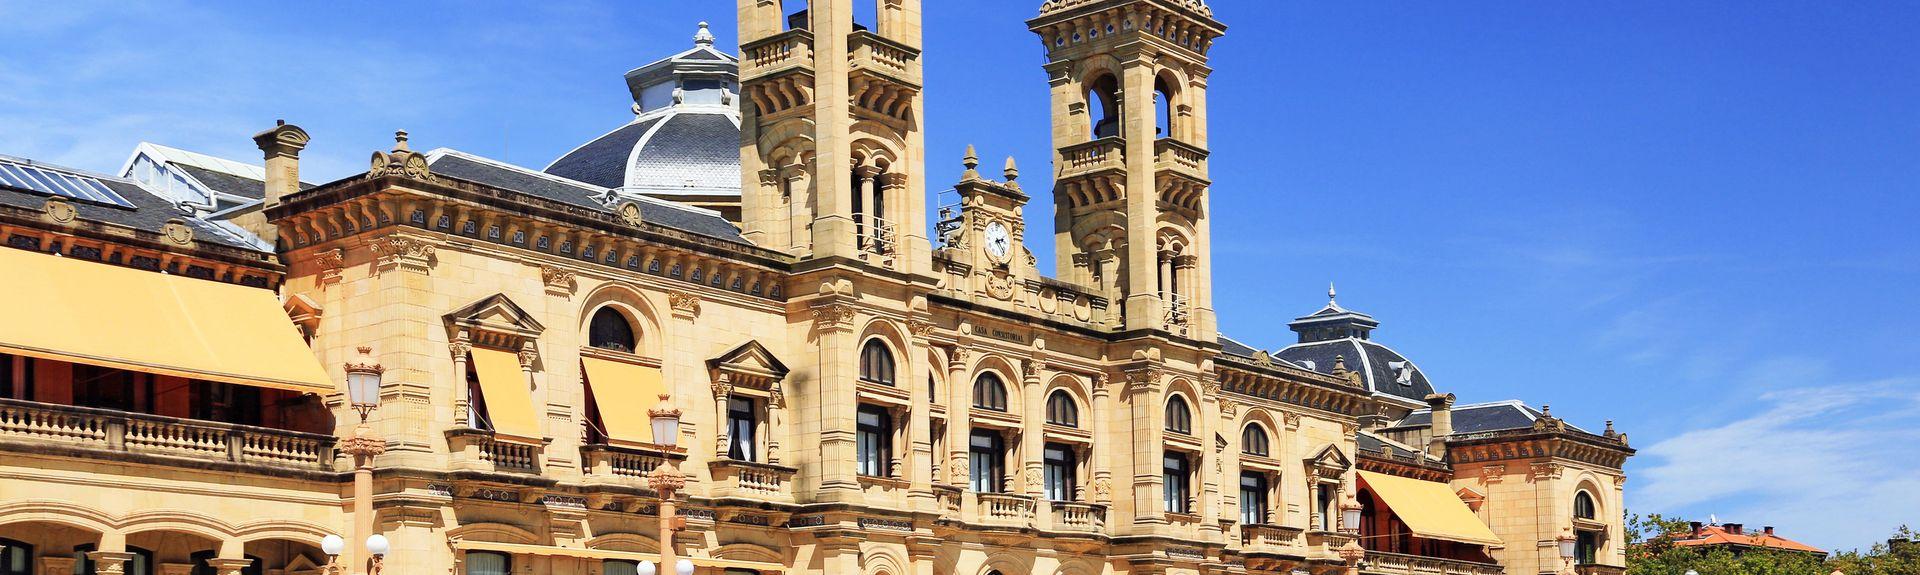 Hôtel de ville de Saint-Sébastien, Saint-Sébastien, Pays basque, Espagne